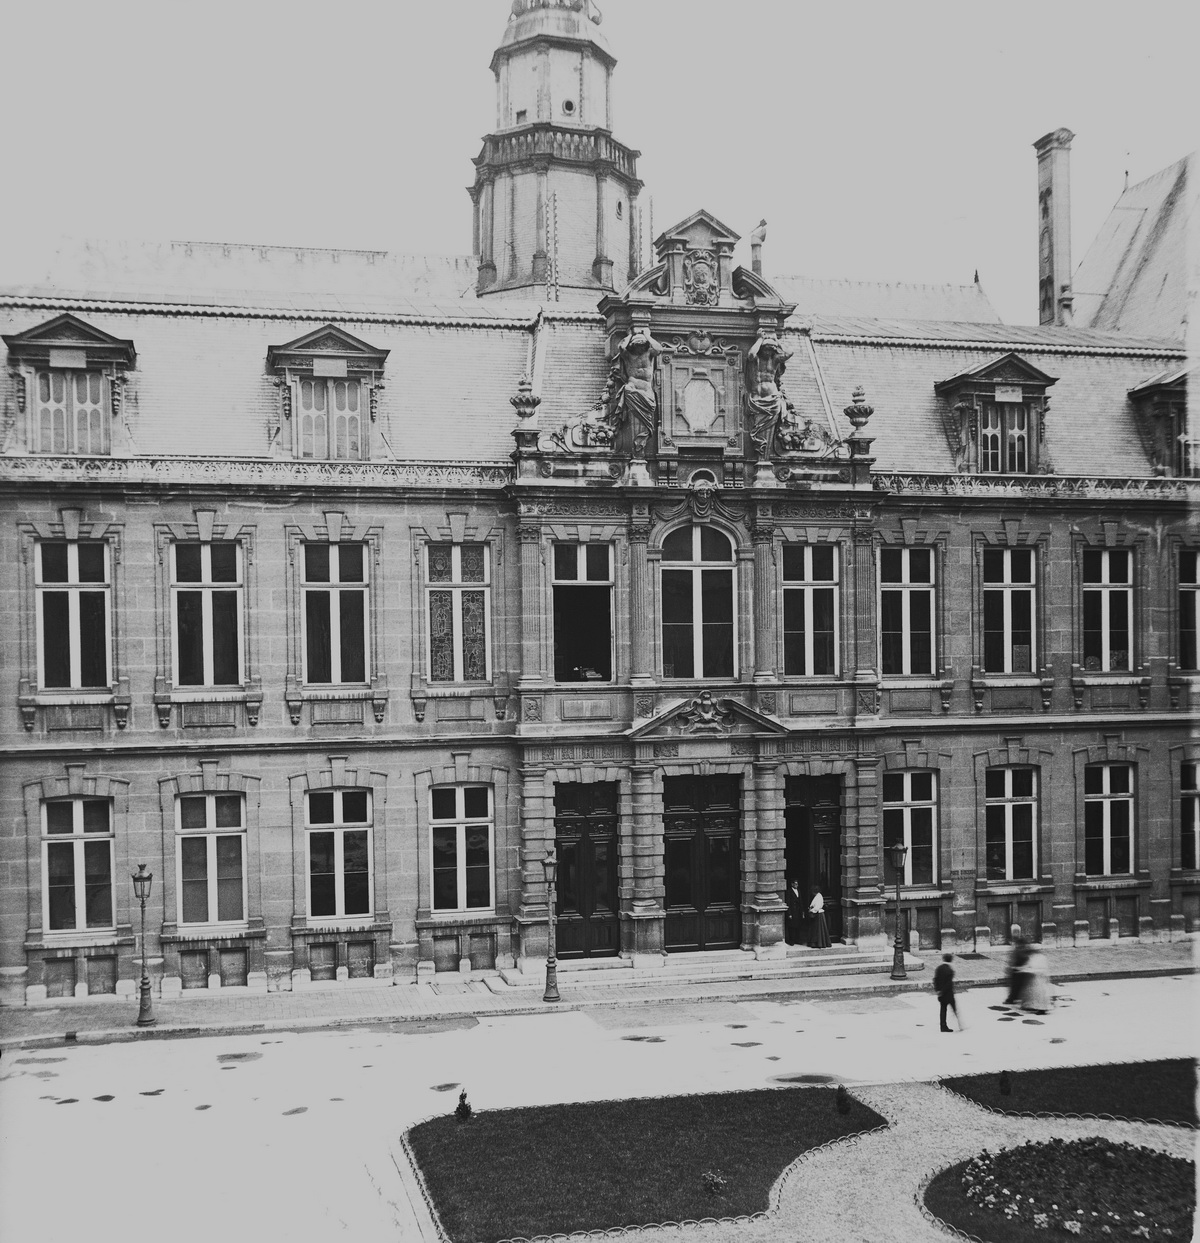 Musée de l'Hôtel de Ville